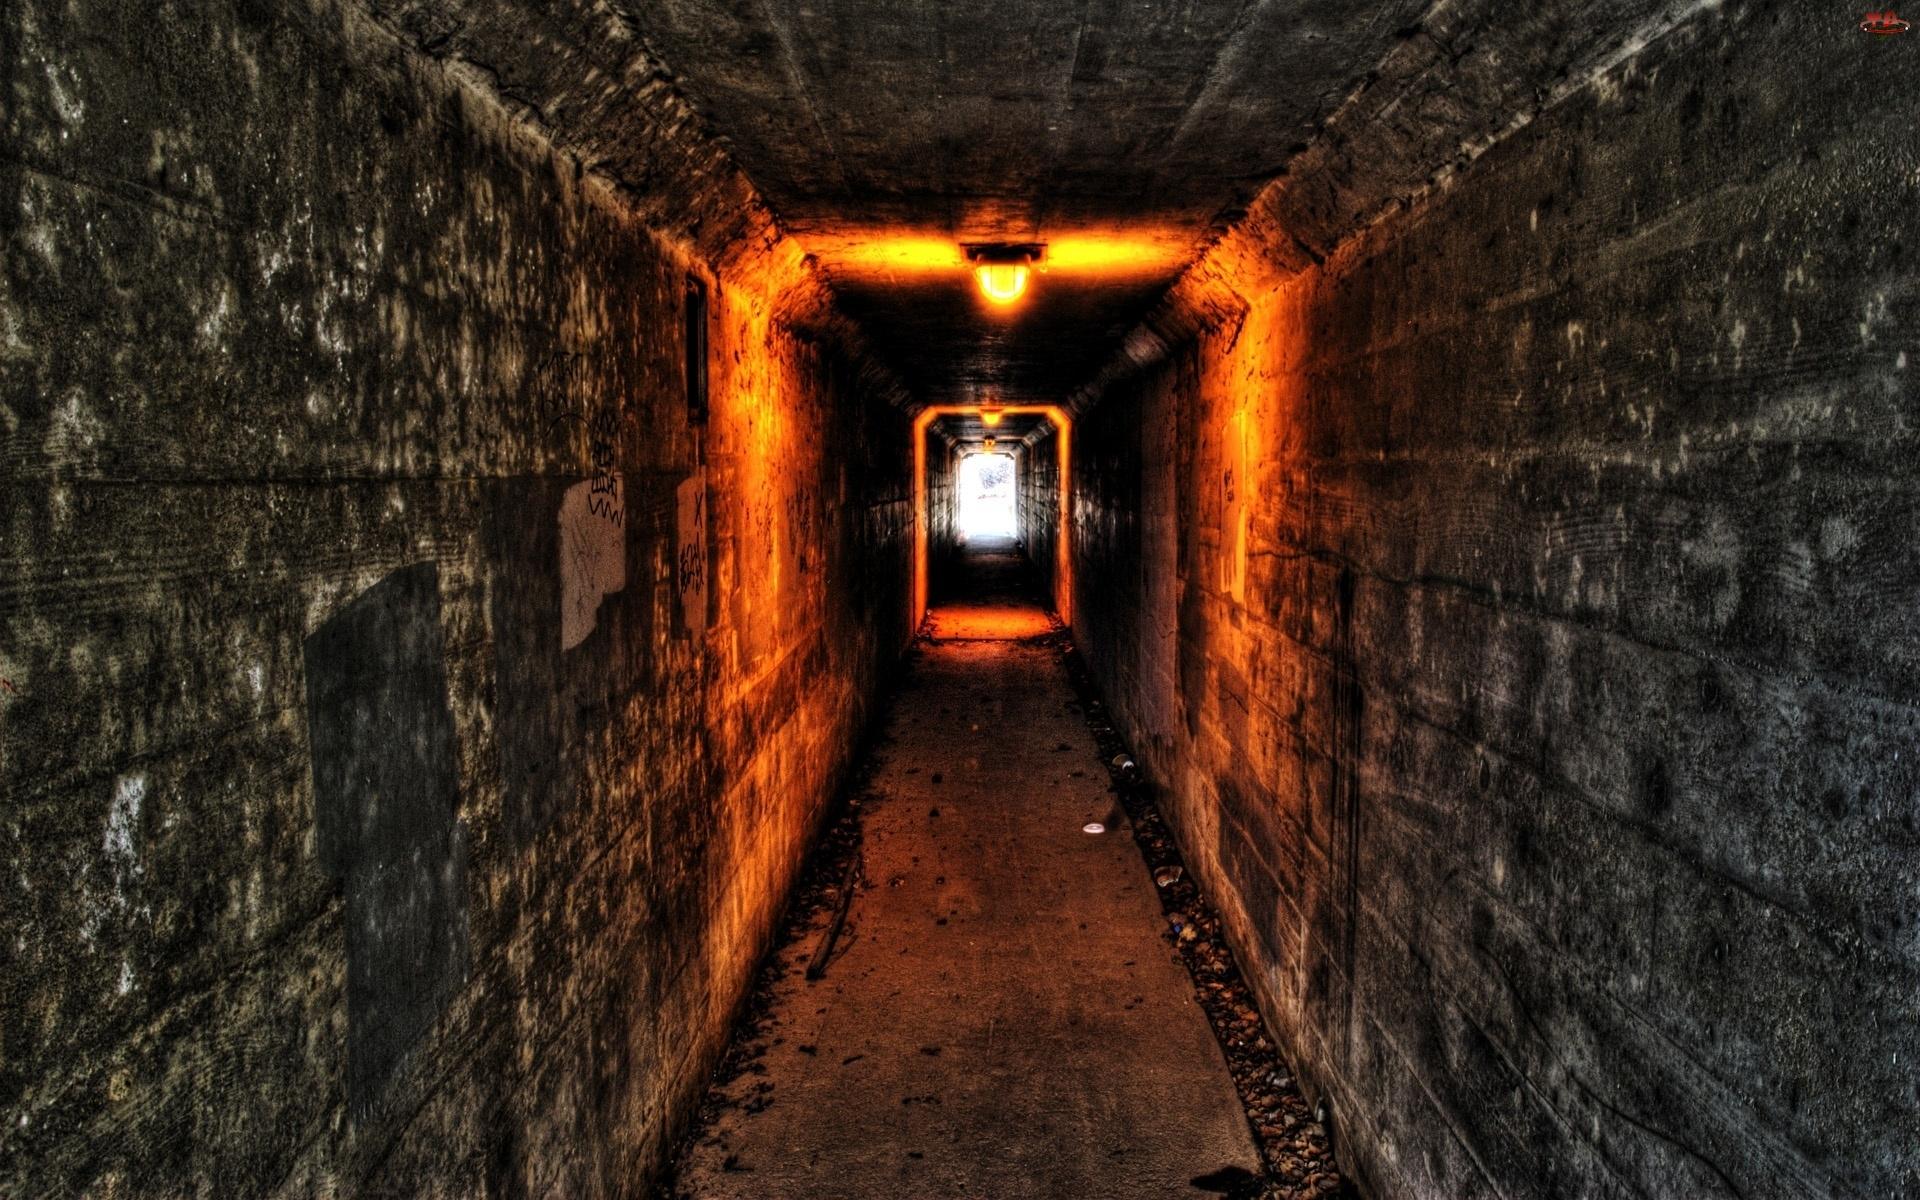 Tunel, Piwnica, Światła